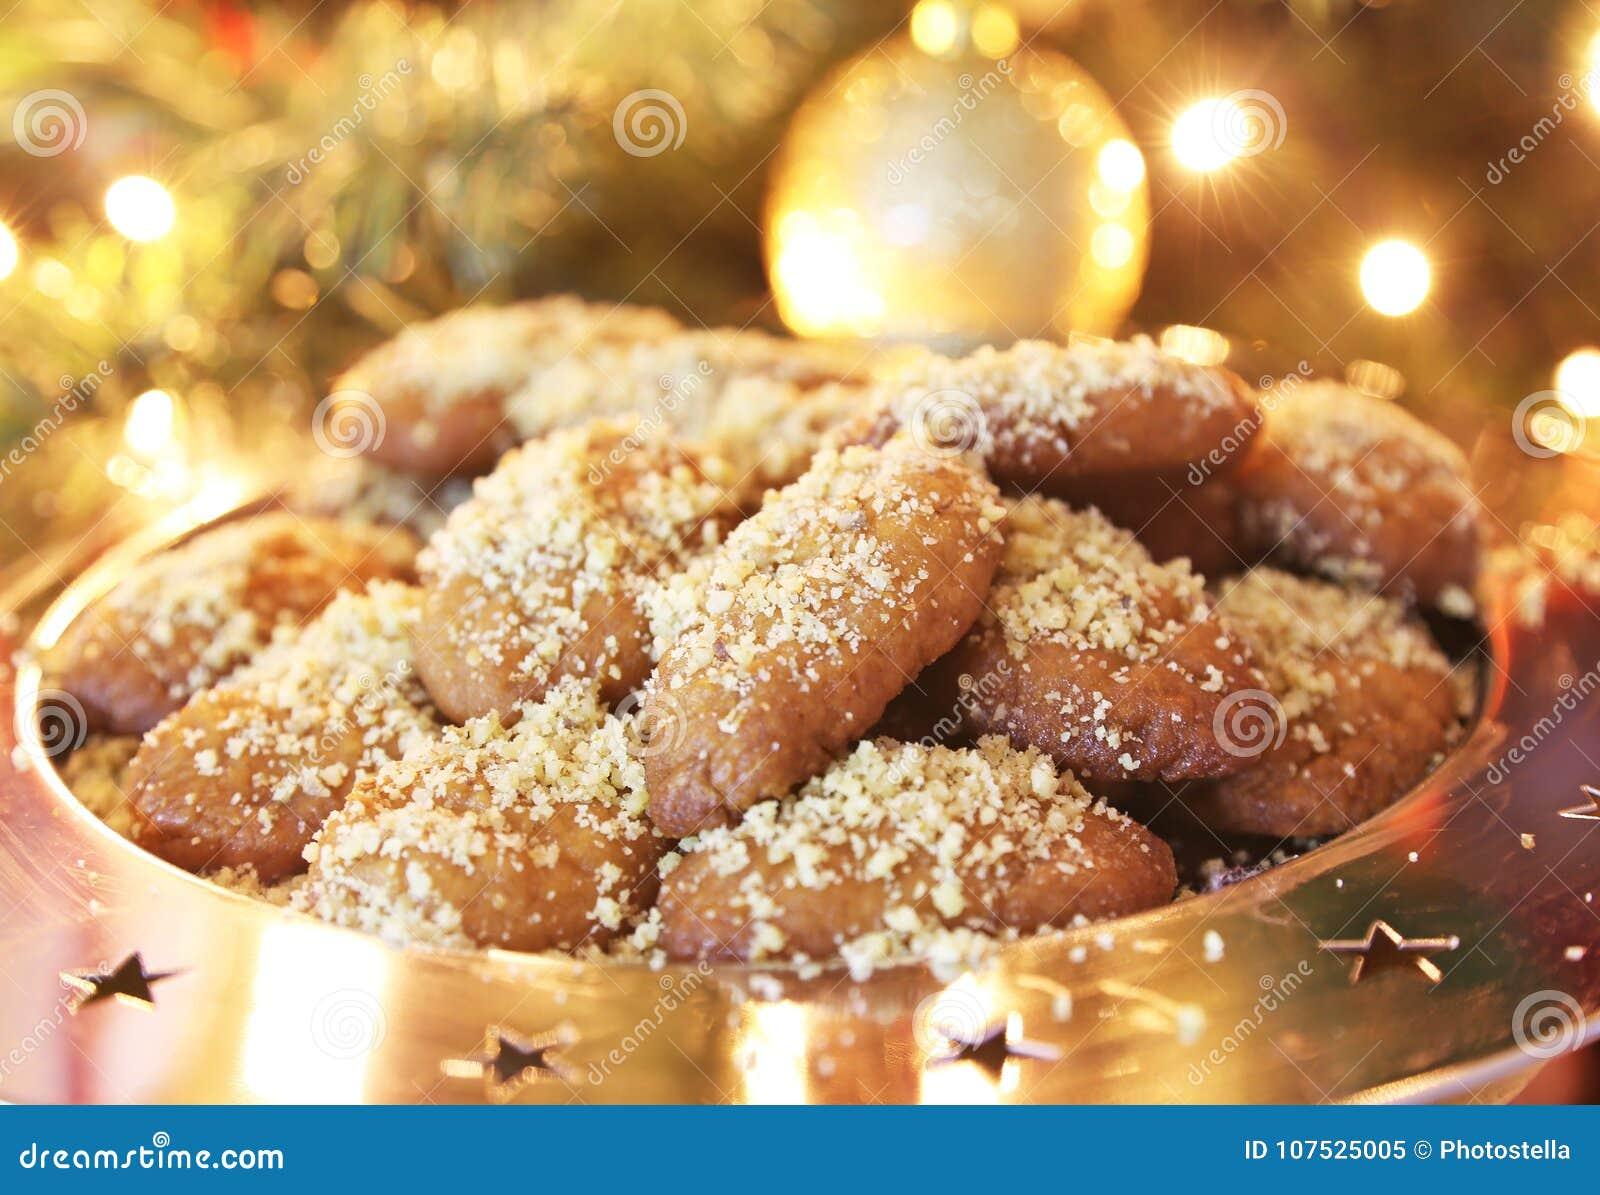 greek melomakarona traditional christmas cookies with honey and nuts - Greek Christmas Traditions